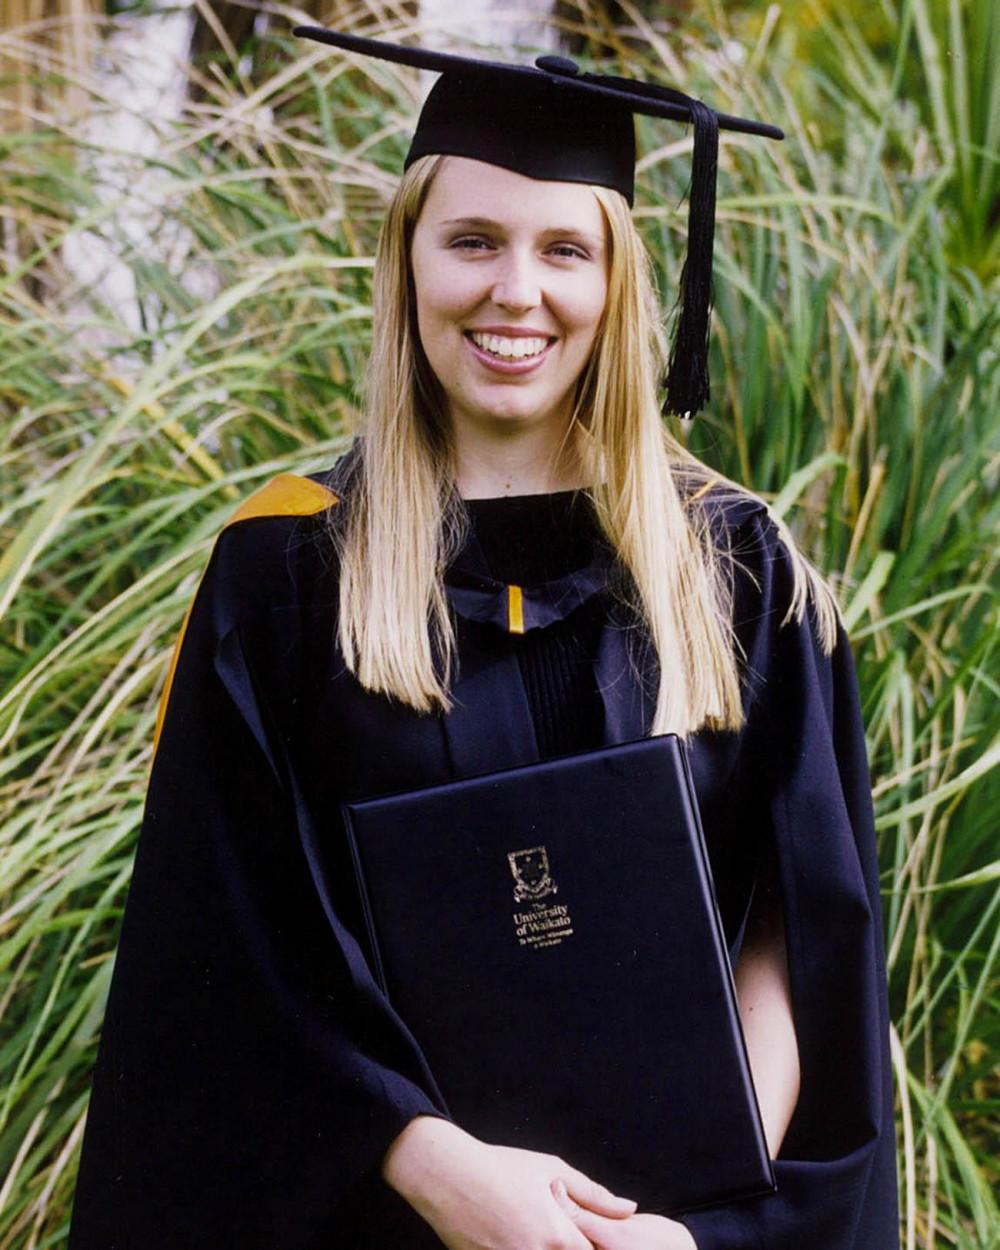 Tân cử nhân trường đại học Waikato rạng rỡ ngày tốt nghiệp - Ảnh: The Times